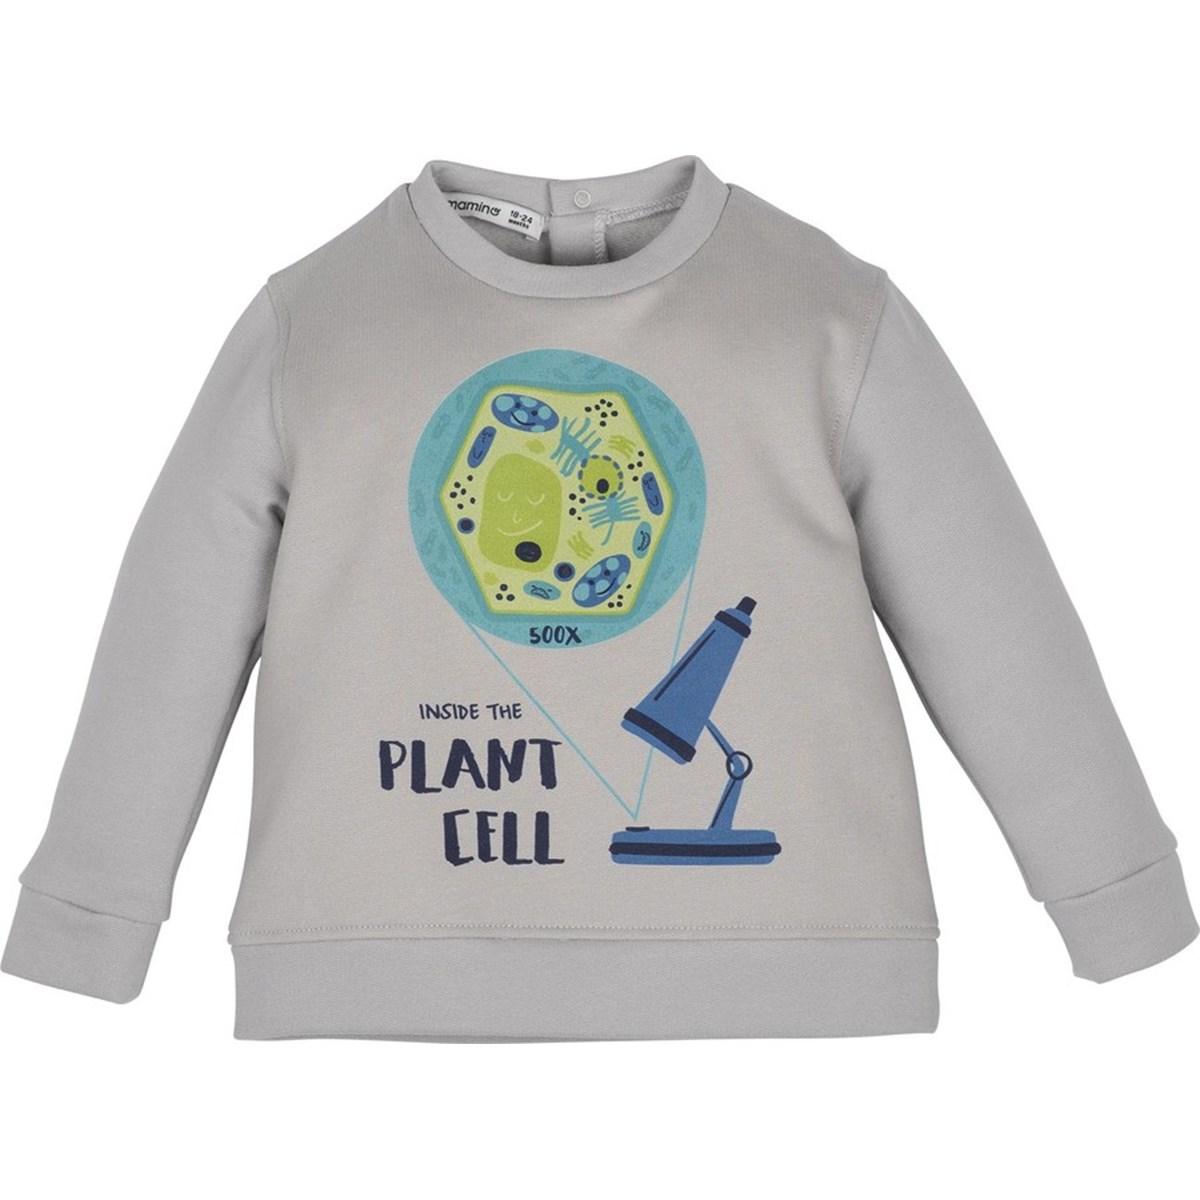 12642 Sweatshirt 1